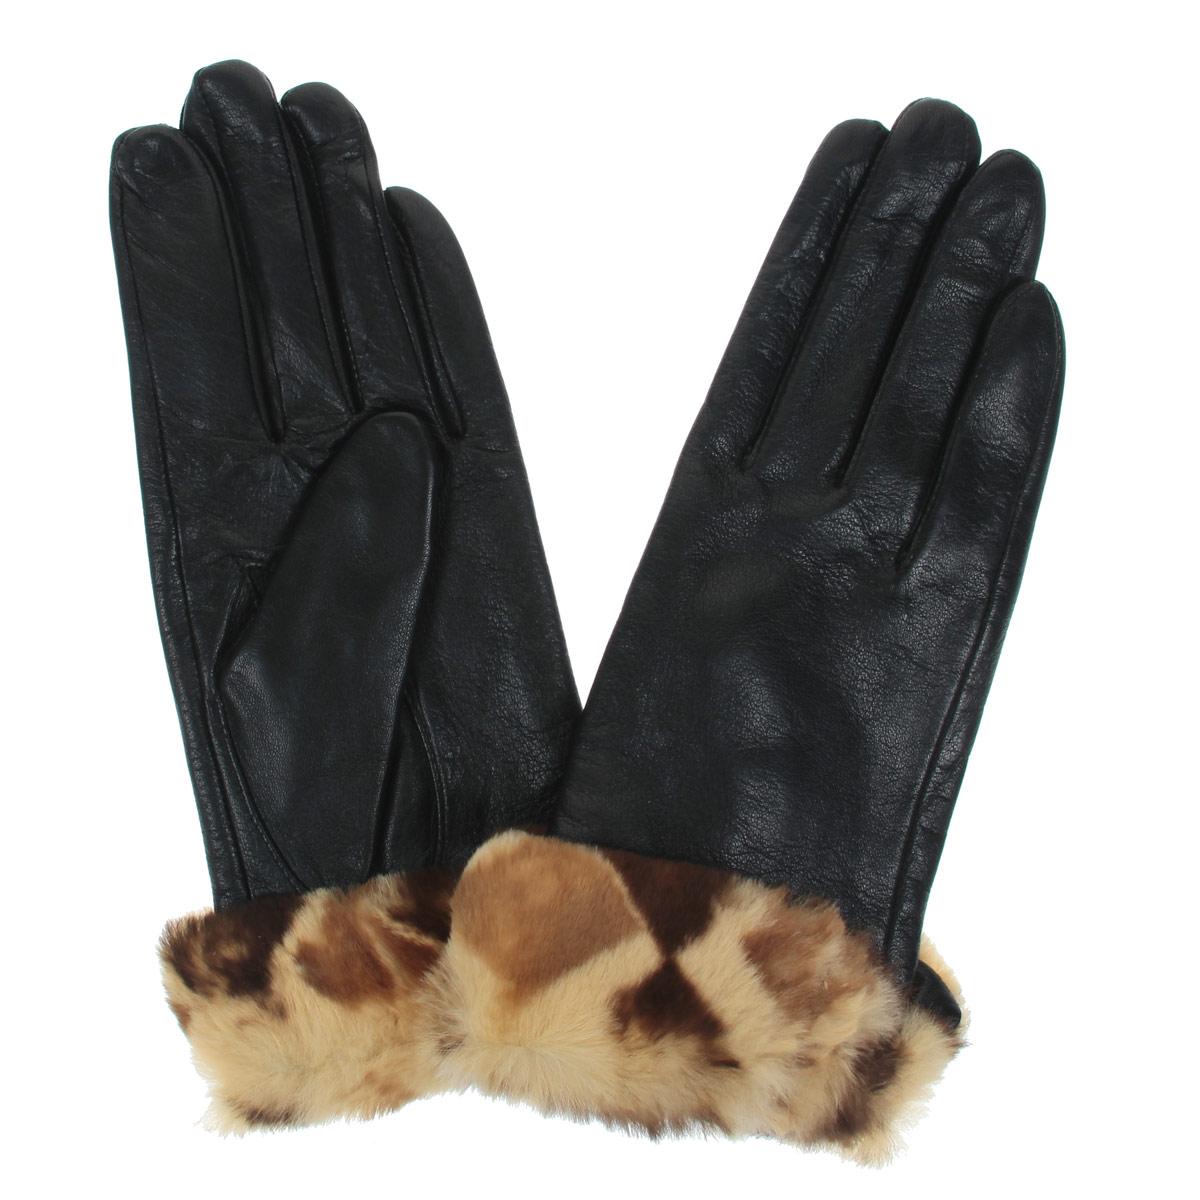 Перчатки женские Falner, цвет: черный, бежевый. L-20. Размер 7L-20Стильные женские перчатки Falner заинтригуют любого мужчину и заставят завидовать любую женщину. Они не только защитят ваши руки от холода, но и станут великолепным украшением. Модель изготовлена из мягкой натуральной кожи с флисовой подкладкой. Изделие оформлено отворотом, декорированным мехом кролика. На внешнем боку имеется небольшой разрез. Перчатки являются неотъемлемой принадлежностью одежды, вместе с этим аксессуаром вы обретаете женственность и элегантность. Они станут завершающим и подчеркивающим элементом вашего неповторимого стиля и индивидуальности.